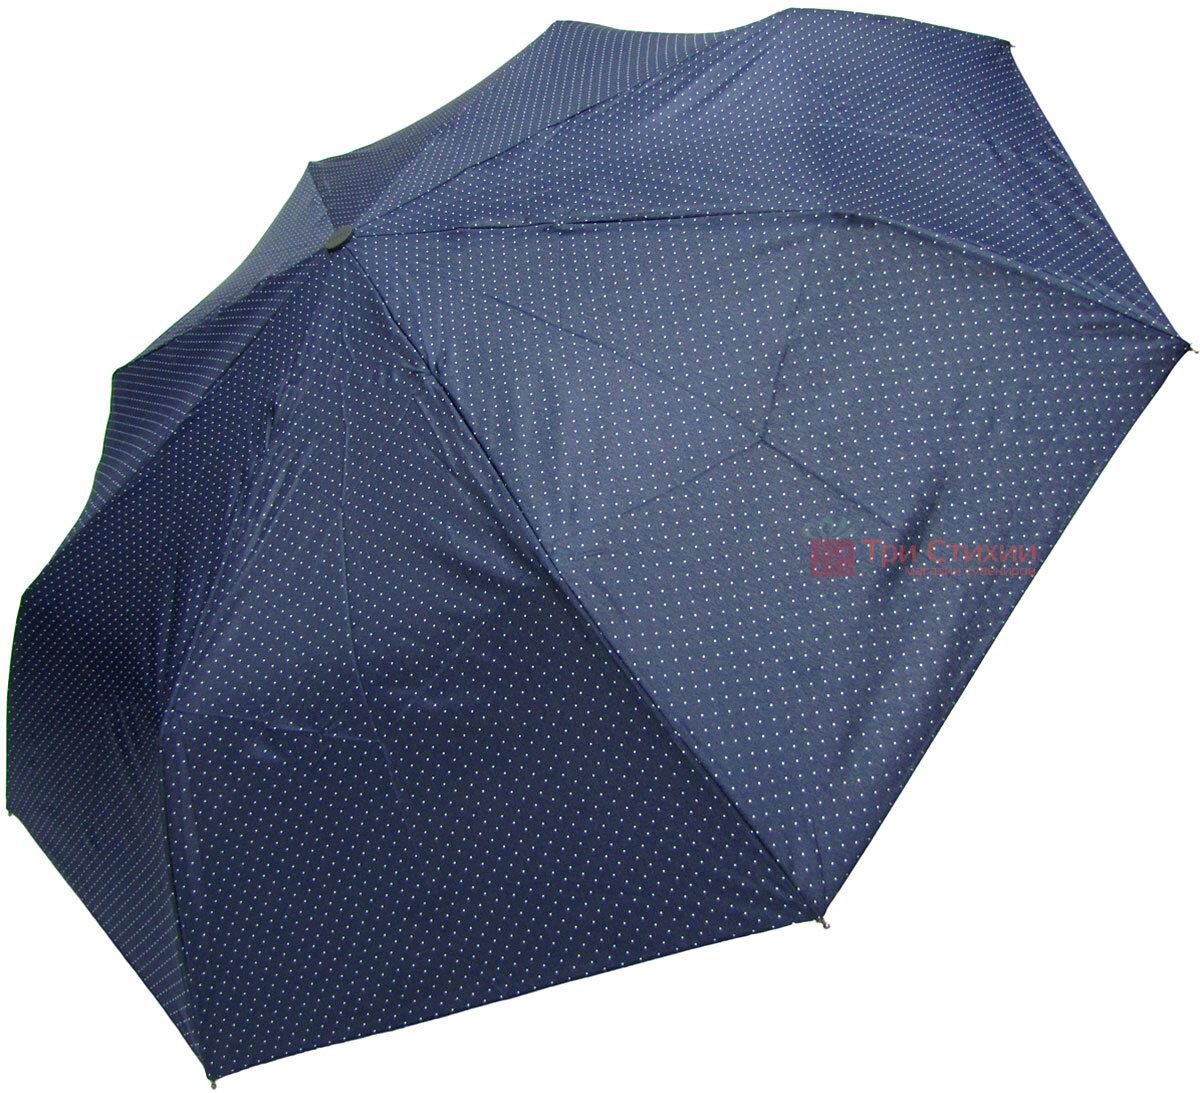 Зонт складной Doppler Carbonsteel 744865DT02 автомат Синий, фото